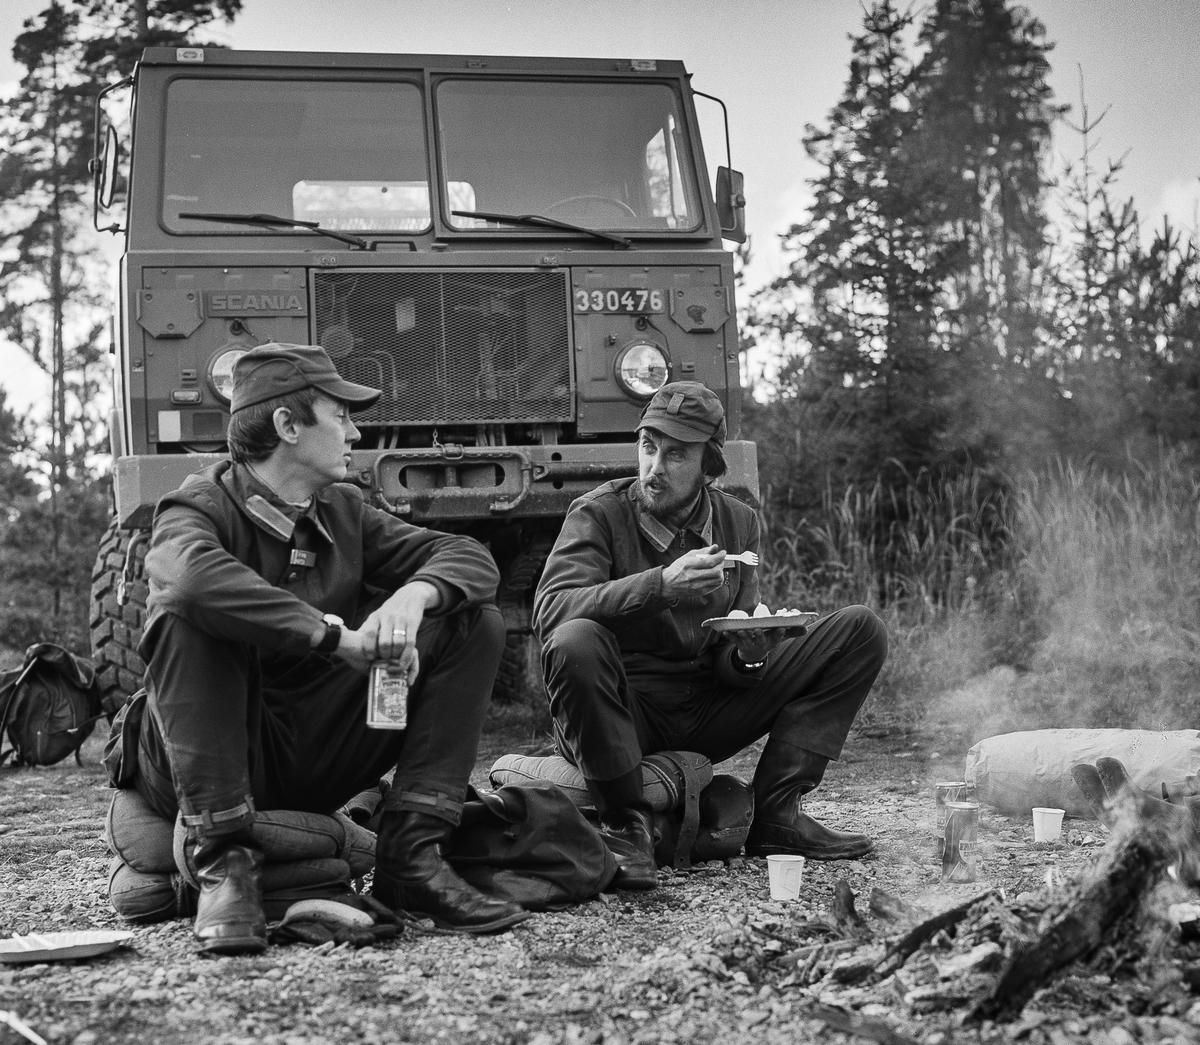 Kompanichefen, major Björn Marten, och kapten Rune Lanzén, tidigare chef Underhållsplutonen, nu på väg till Intendenturutbildning 1 år.  Milregnr: 330476